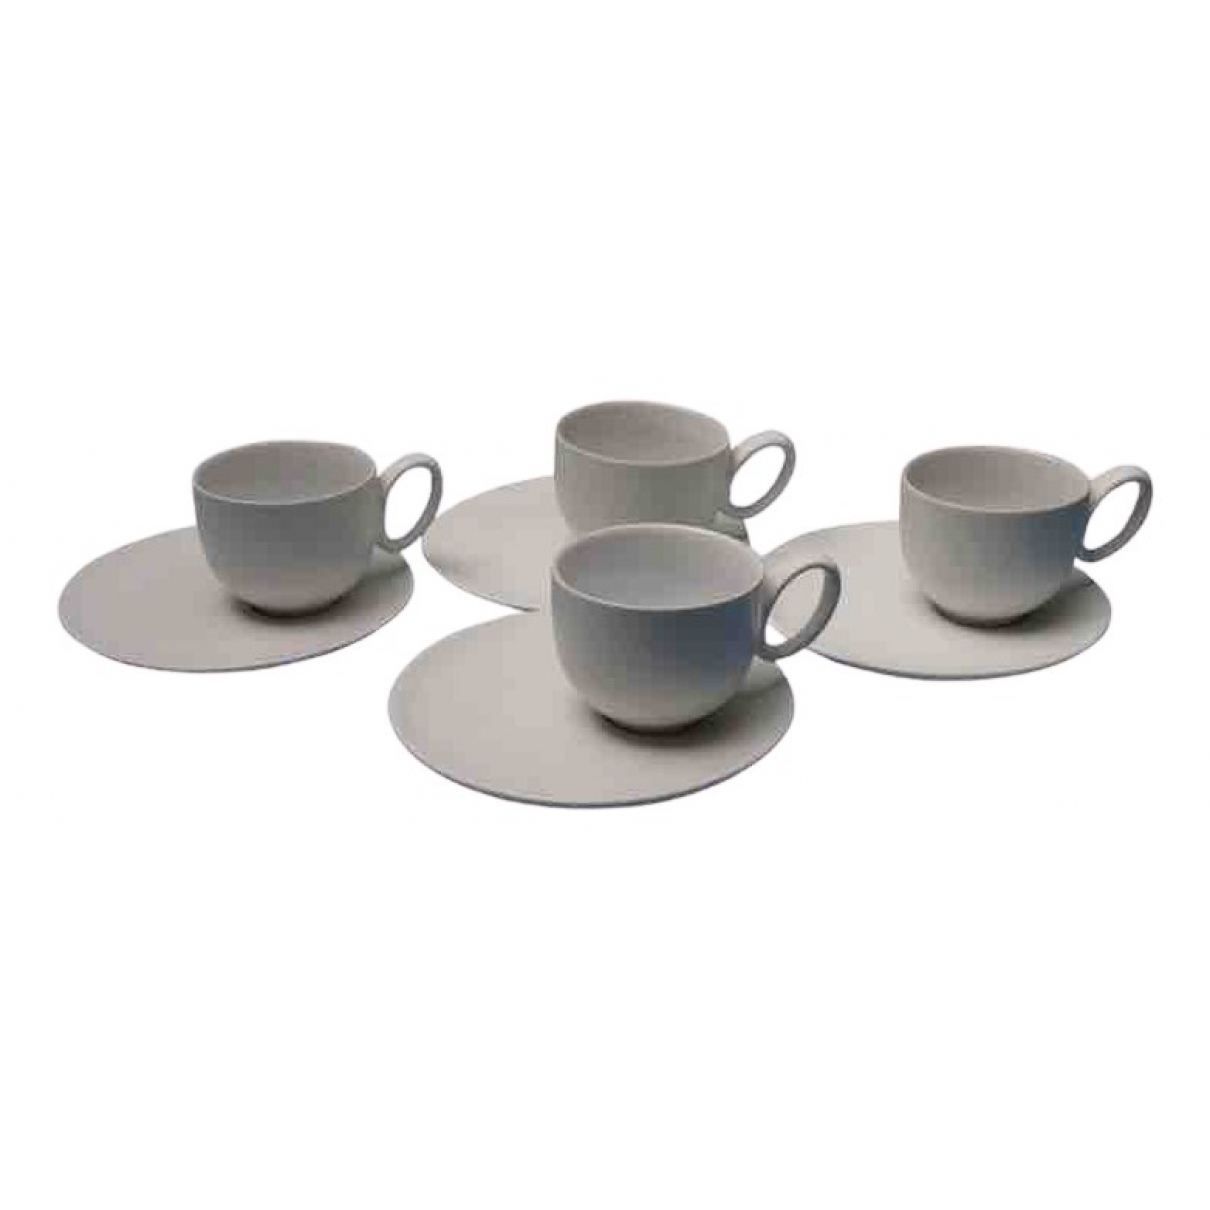 Juego de te/cafe de Ceramica Alessi